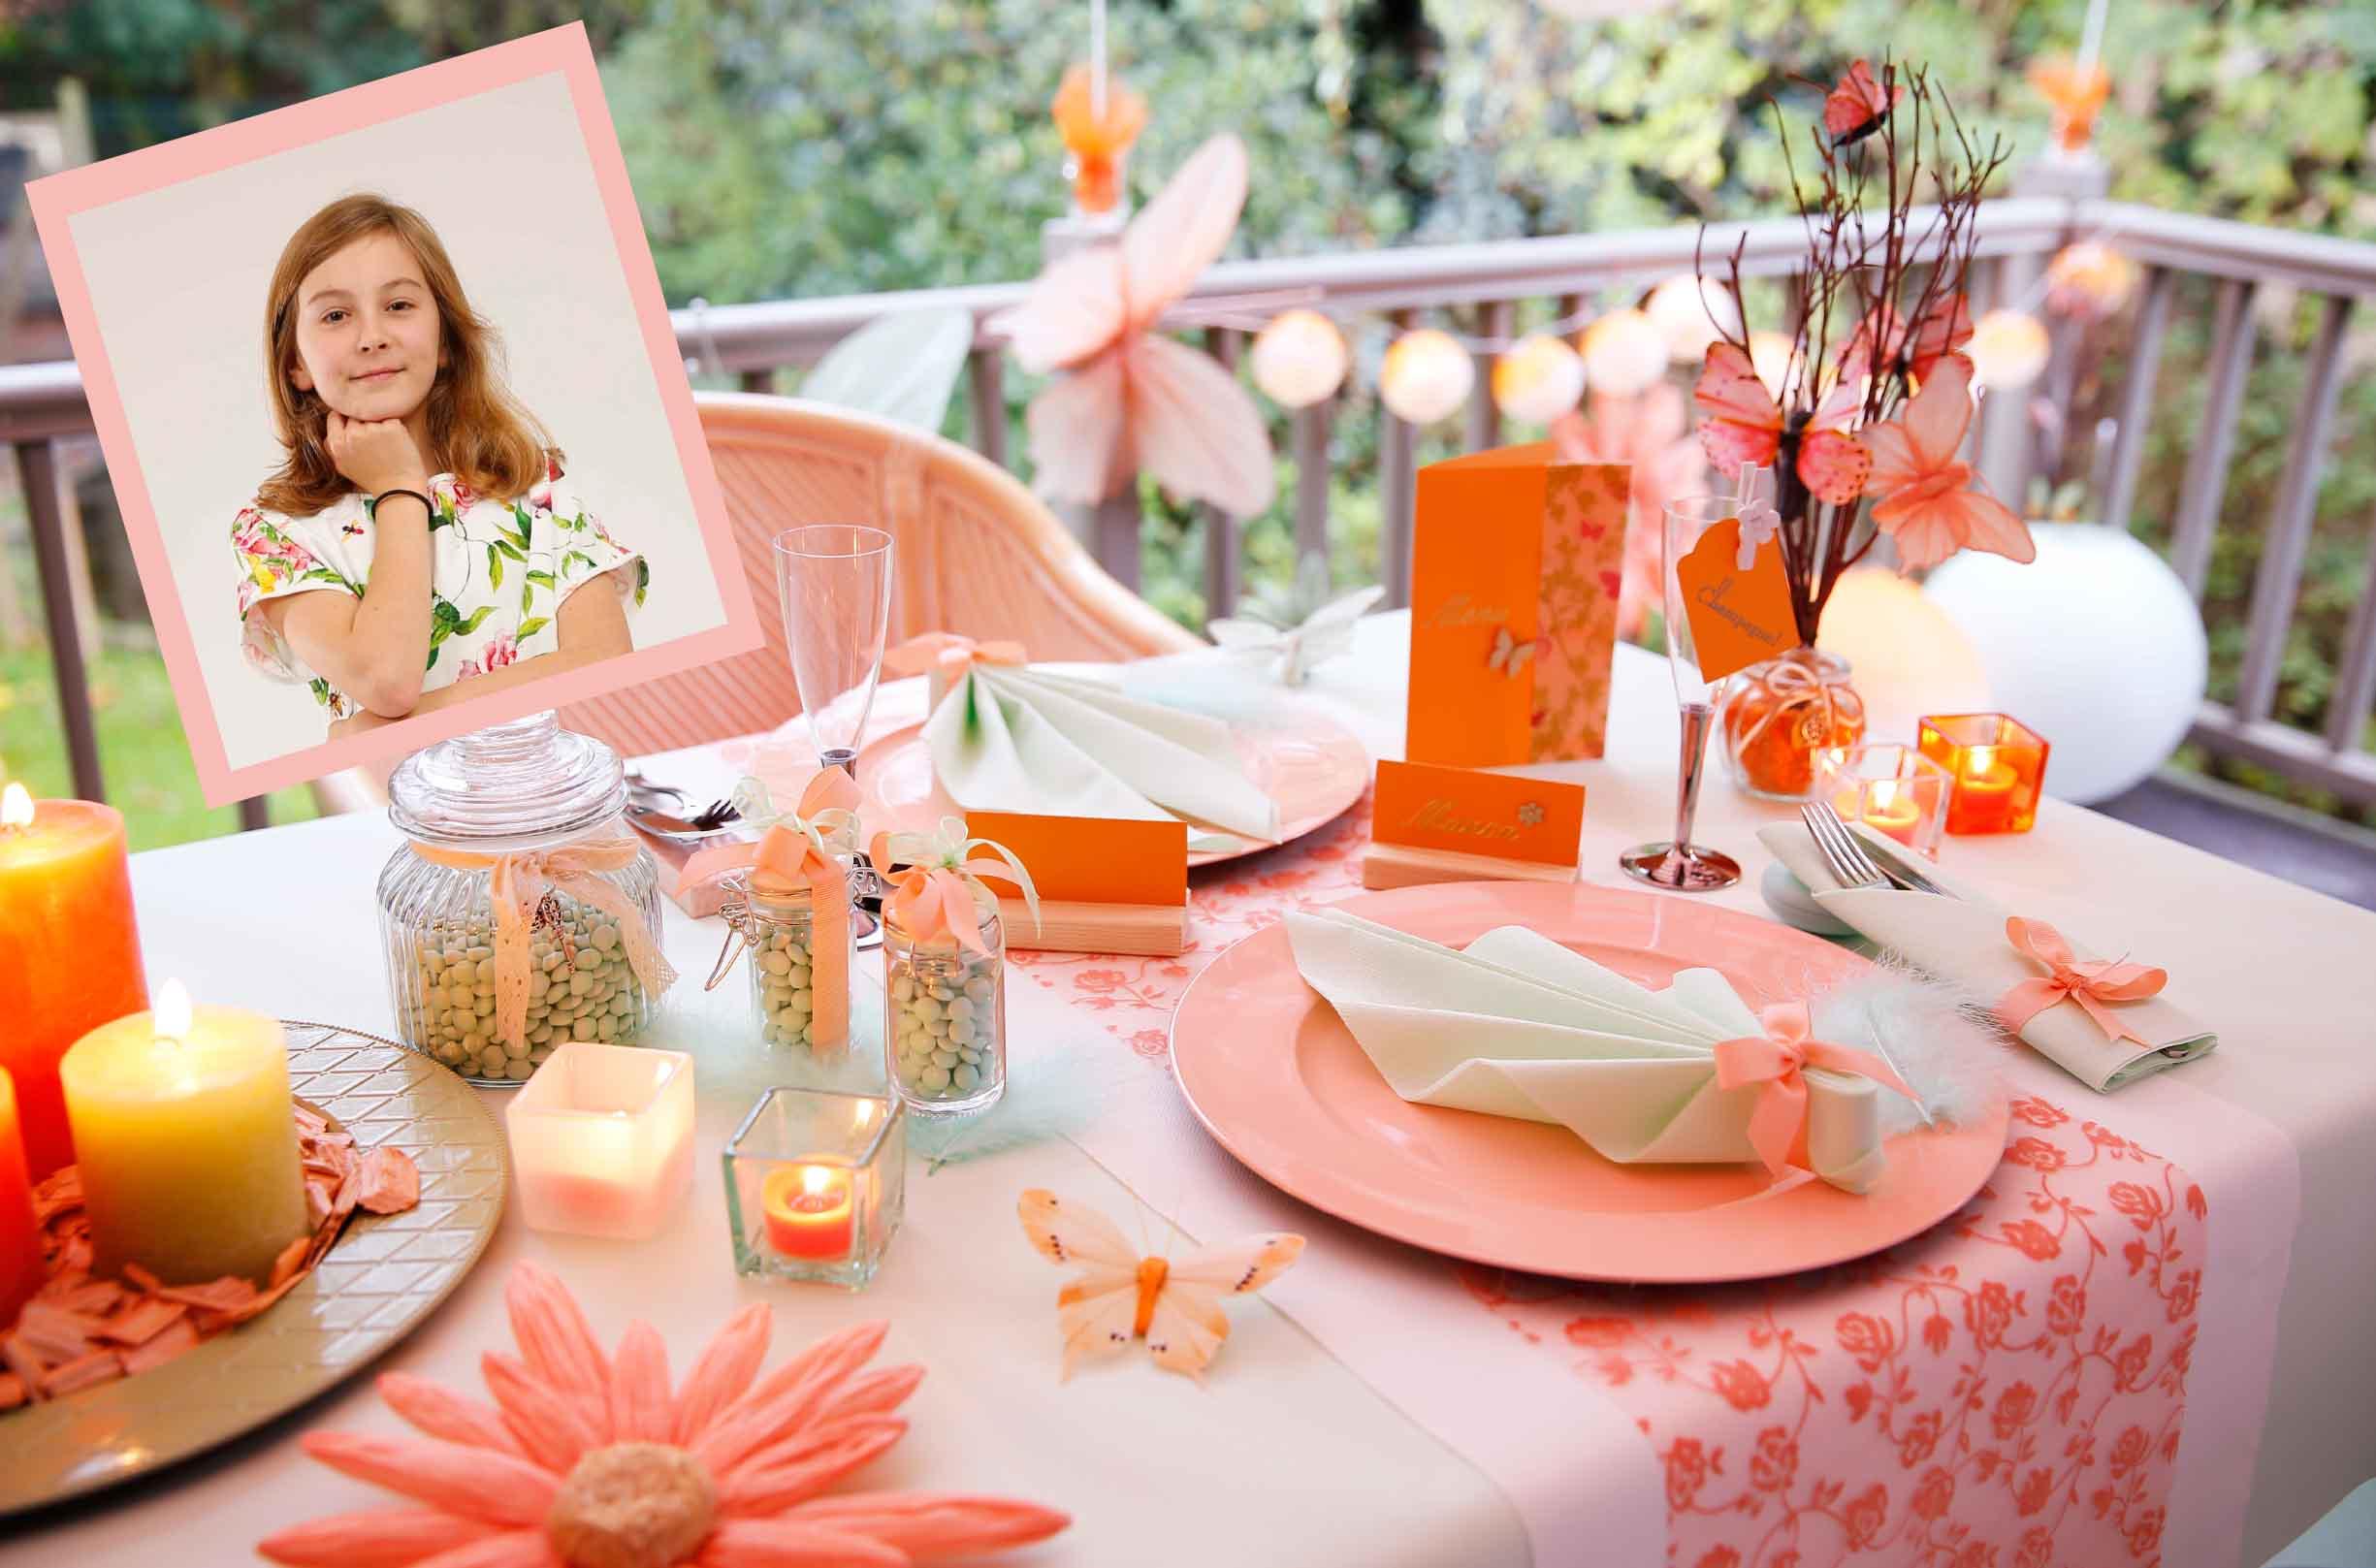 Mijn communie of lentefeest wordt een fantastisch feest ava for Ballonnen tafels